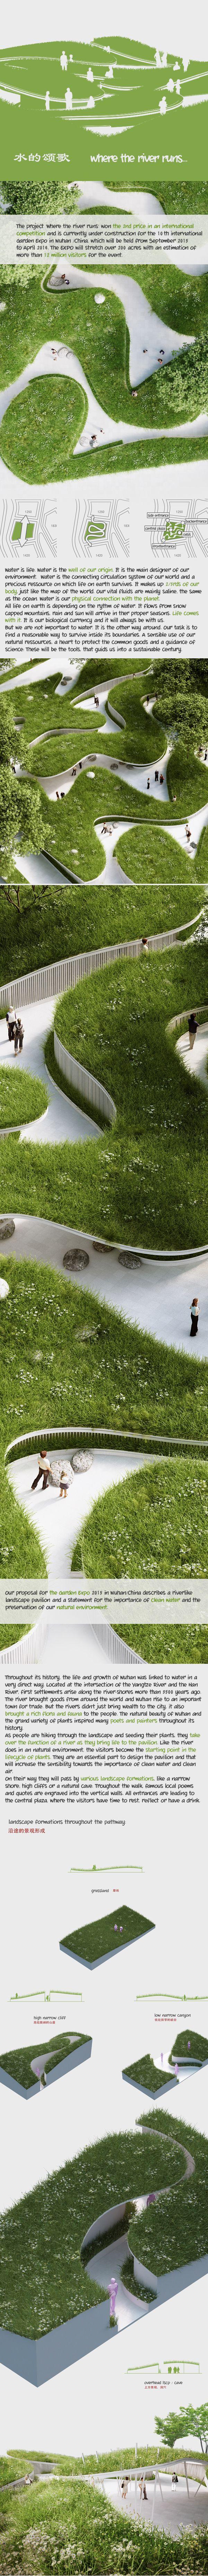 Where The River Runs / Garden Expo 2015 on Behance